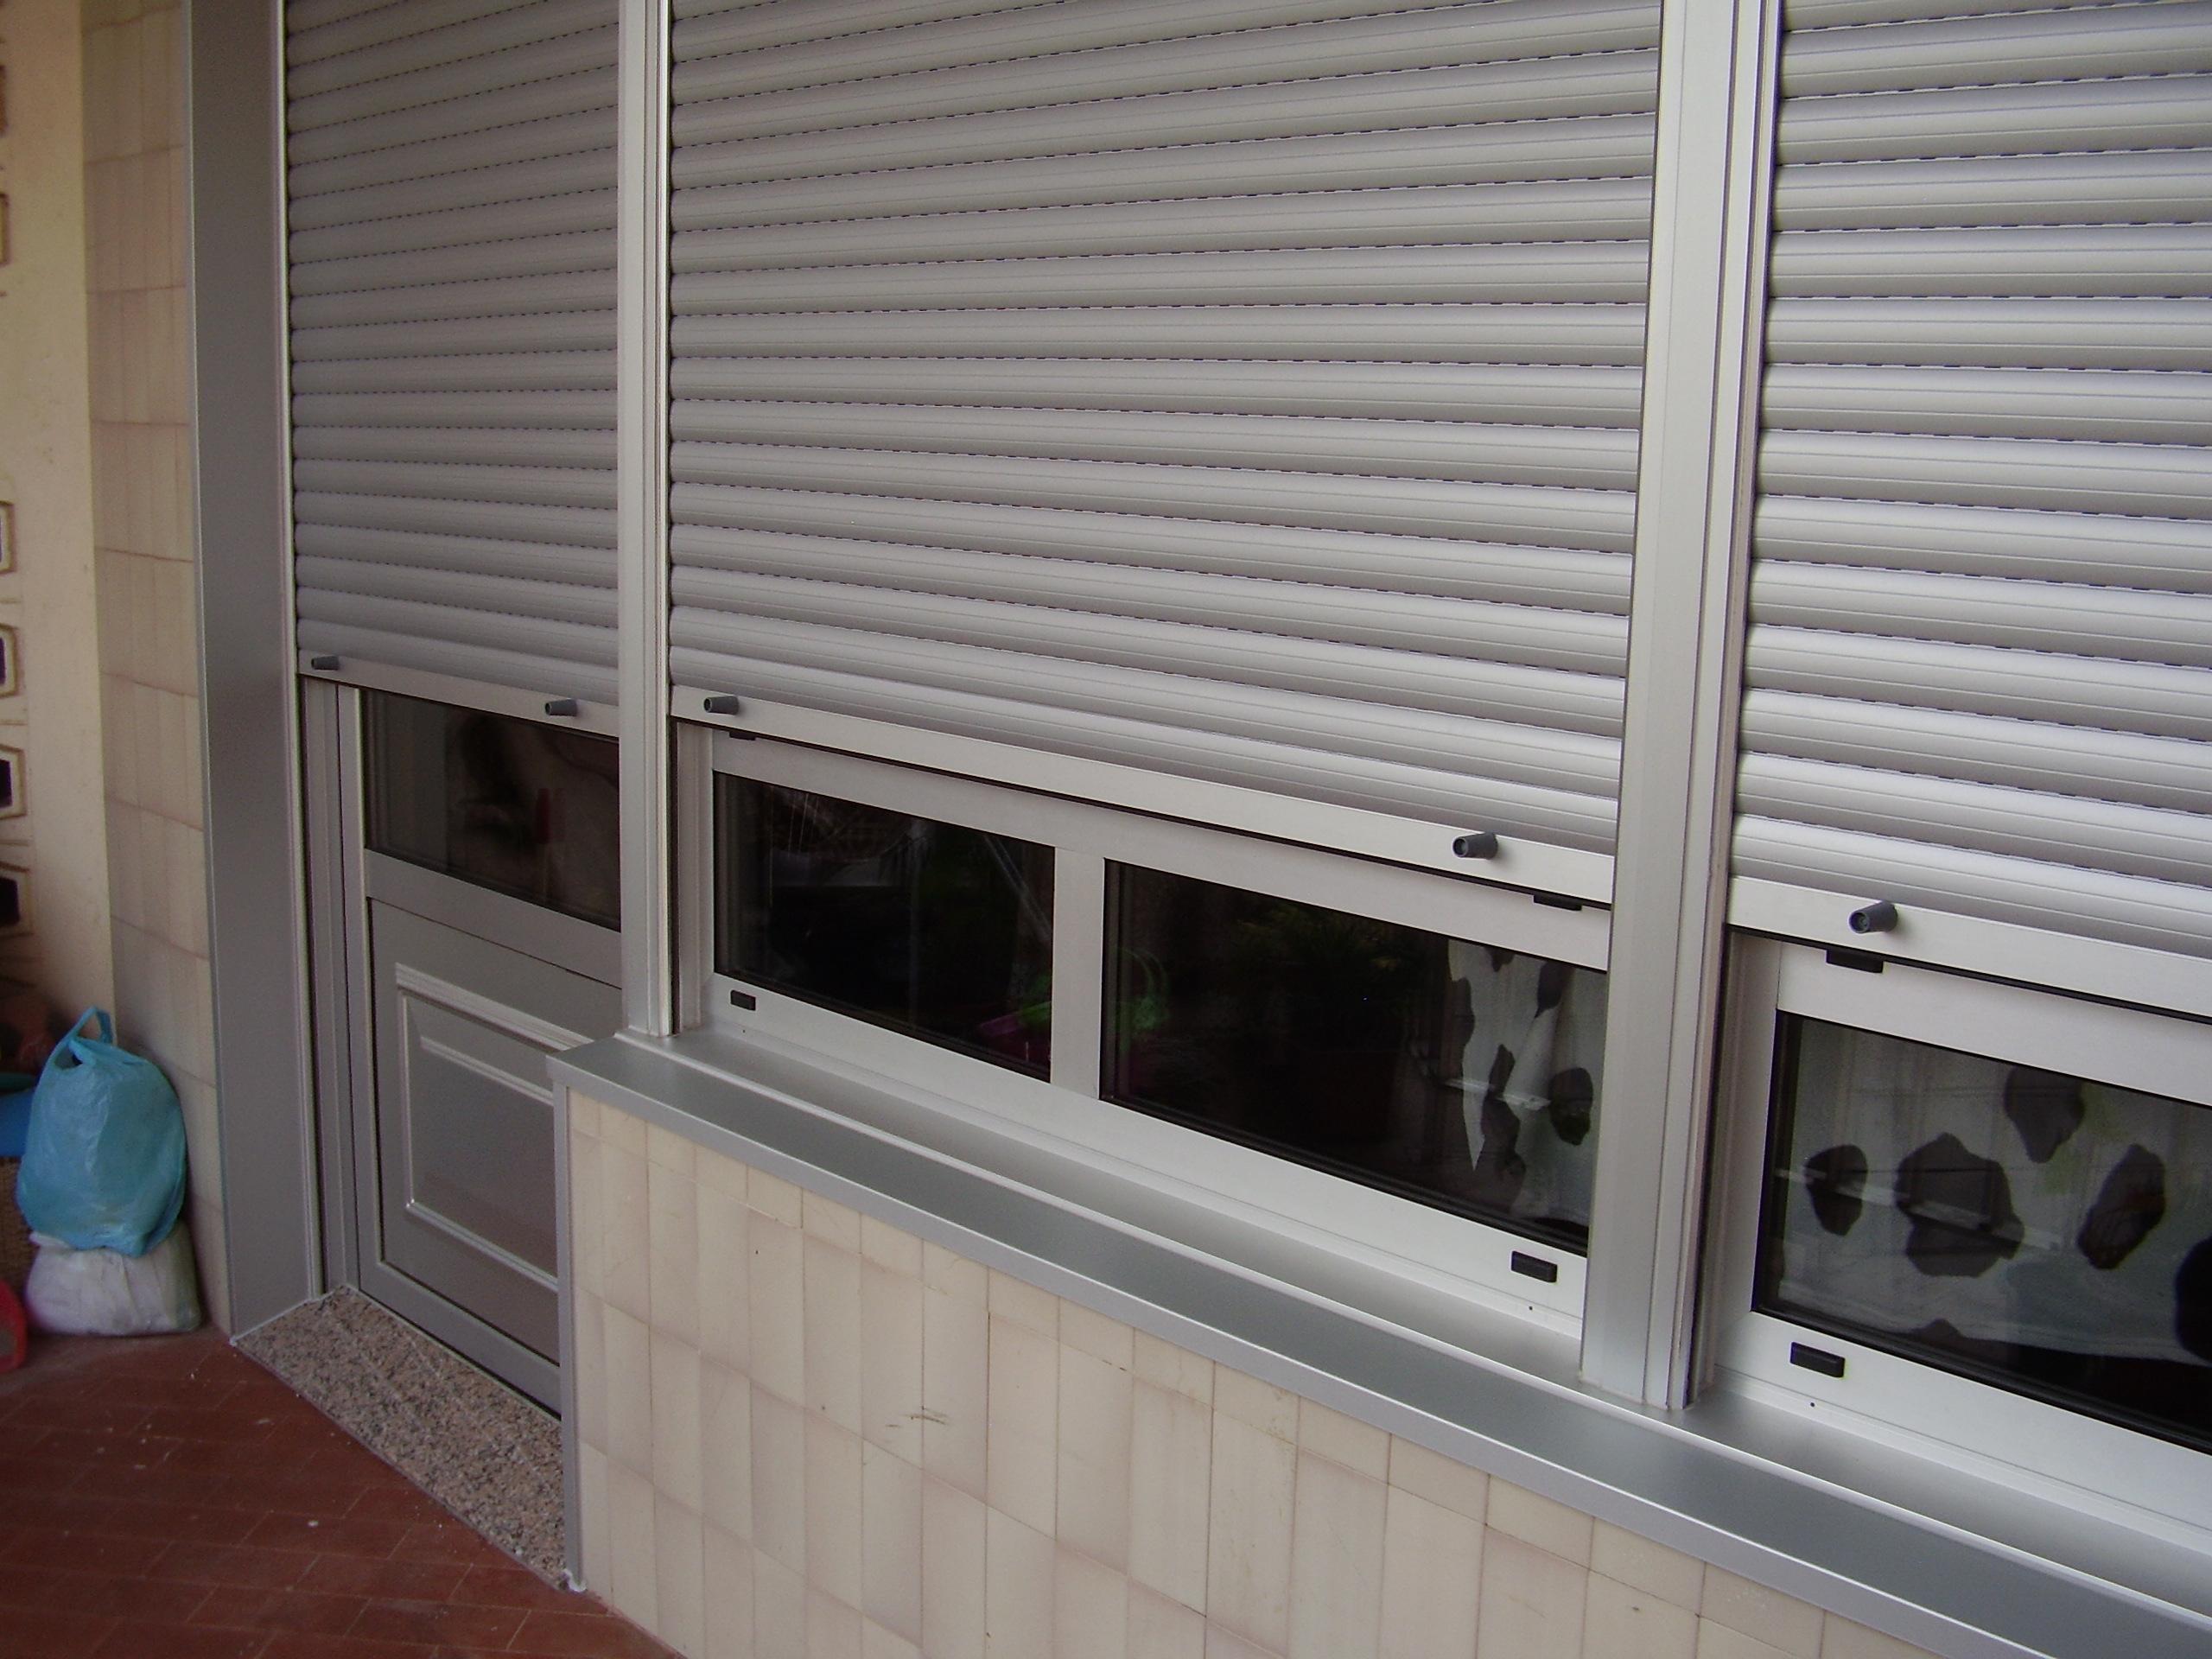 Cerramiento puerta y ventana con persianas